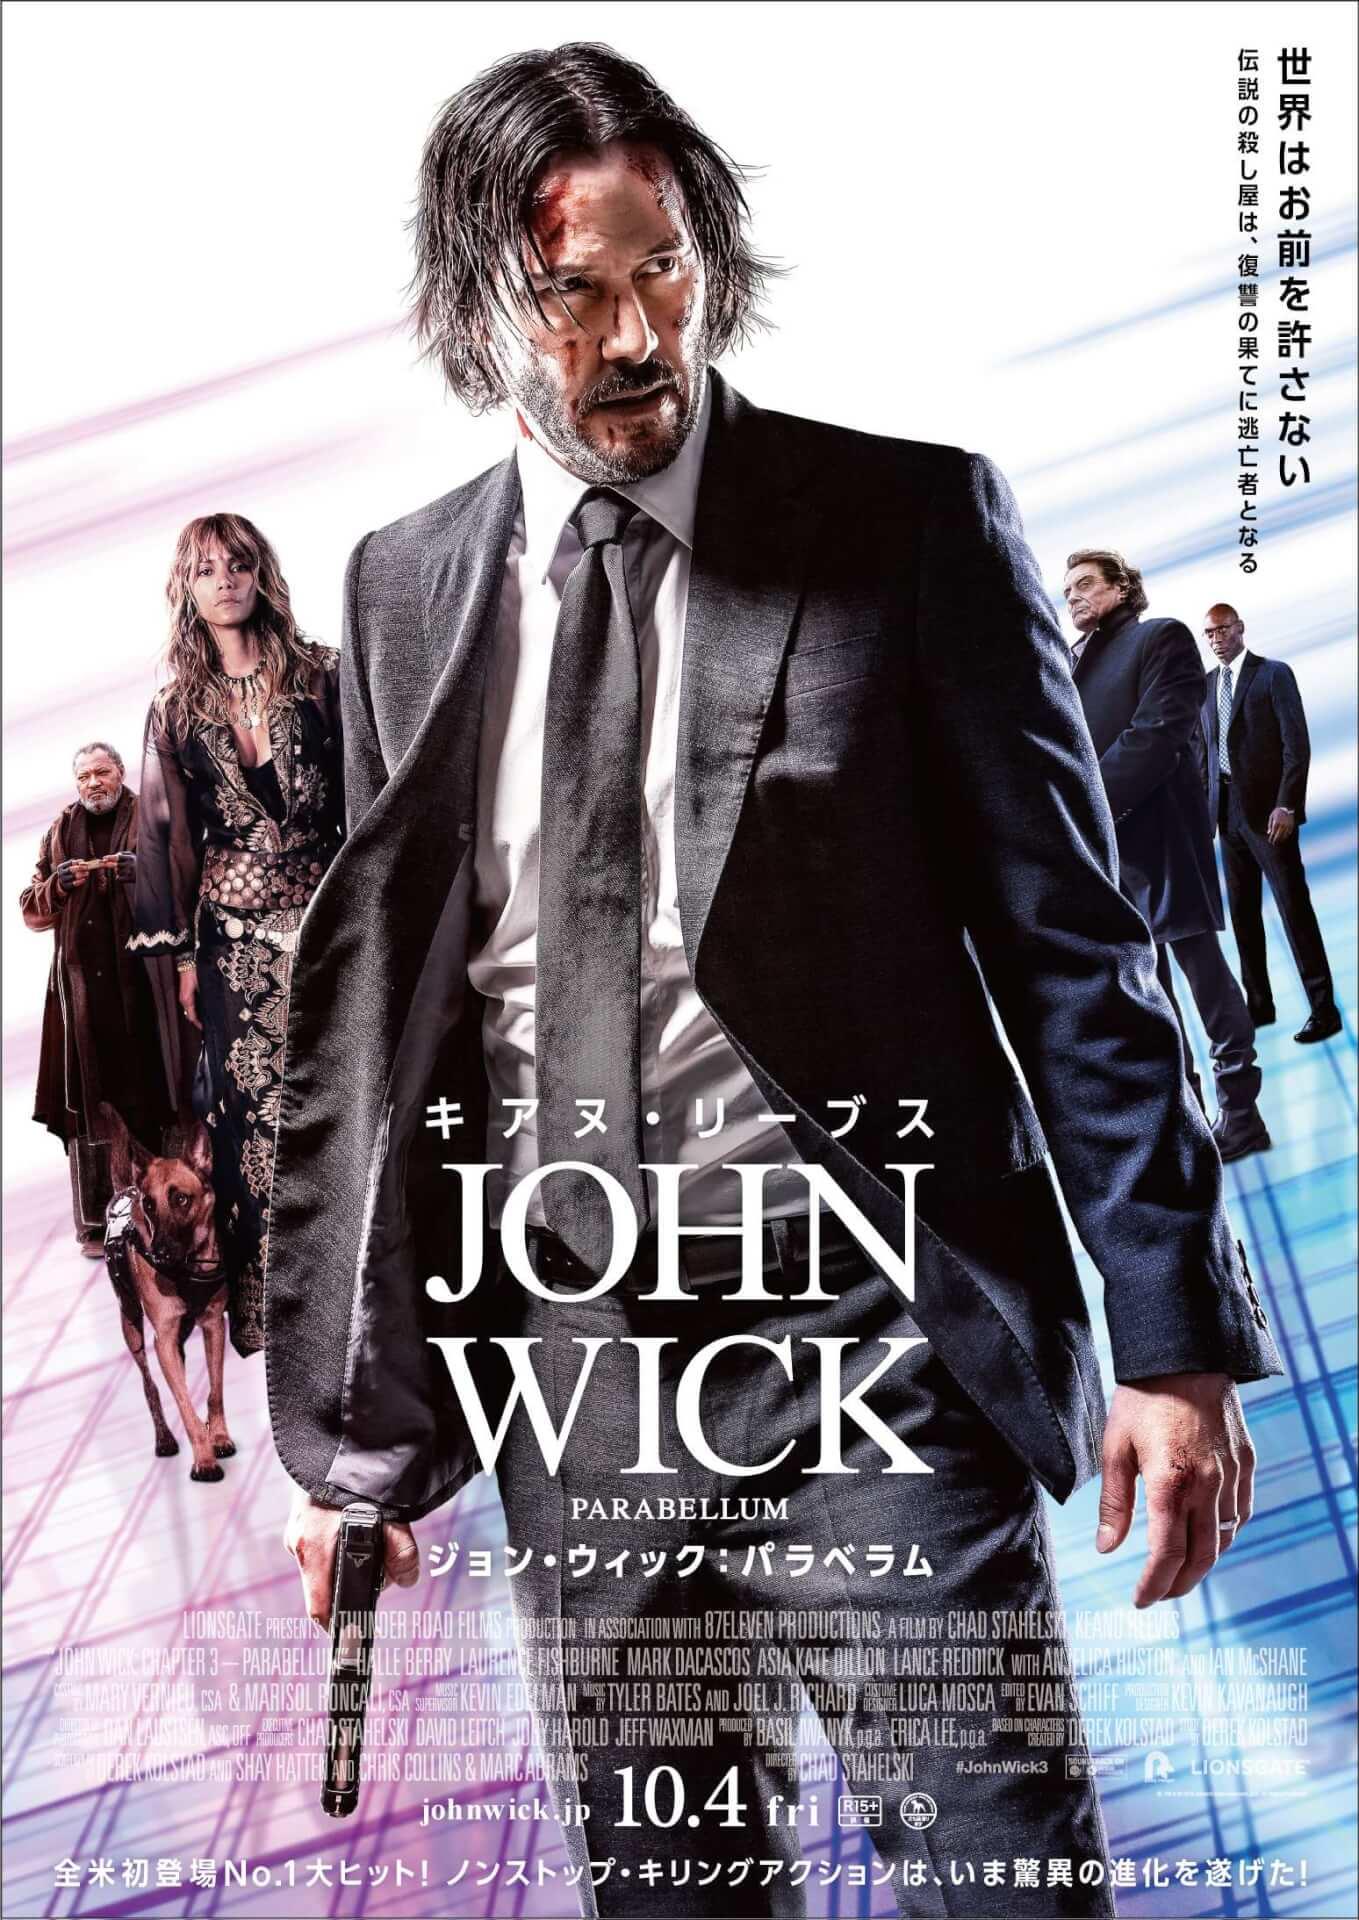 キアヌ・リーブス、日本語で「来てくれてドウモアリガトウ!」と挨拶『ジョン・ウィック:パラベラム』ジャパンプレミアにきゃりーぱみゅぱみゅと登場 film190911_johnwick_japan_1